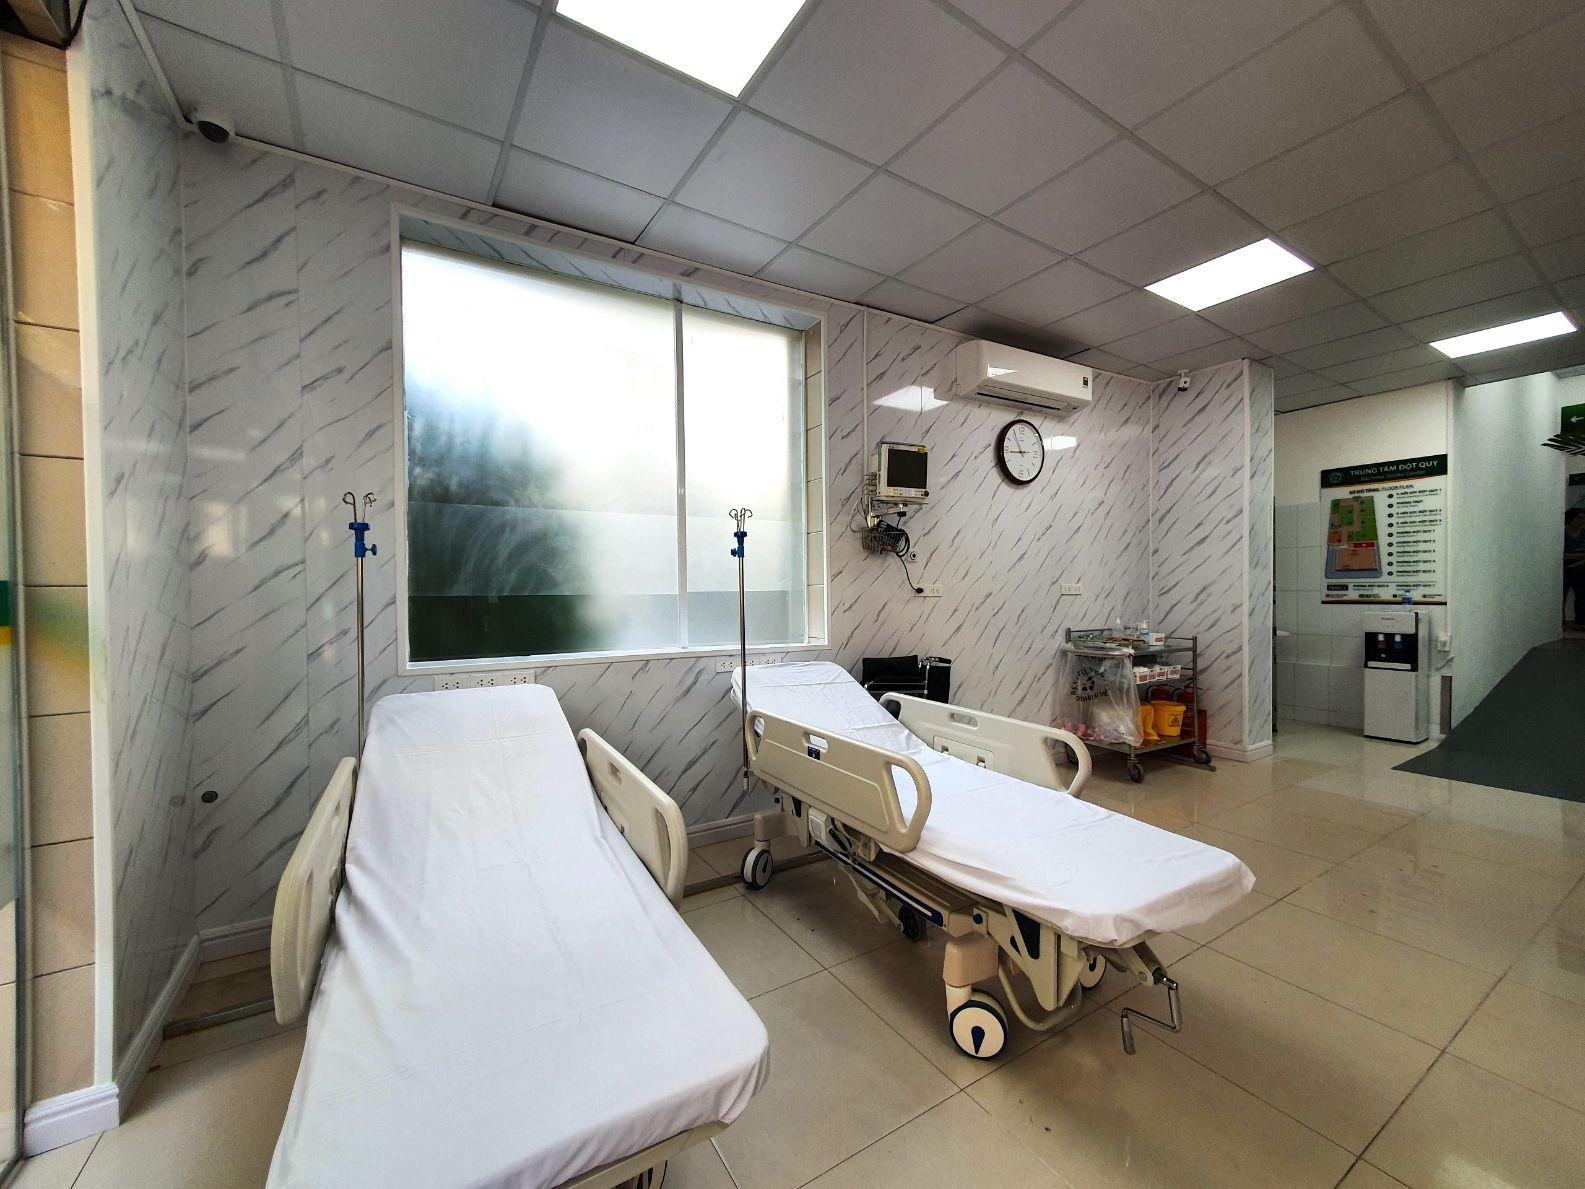 Trung tam DQ 3 - Vật liệu nội thất mới cho thiết kế bệnh viện hiện đại